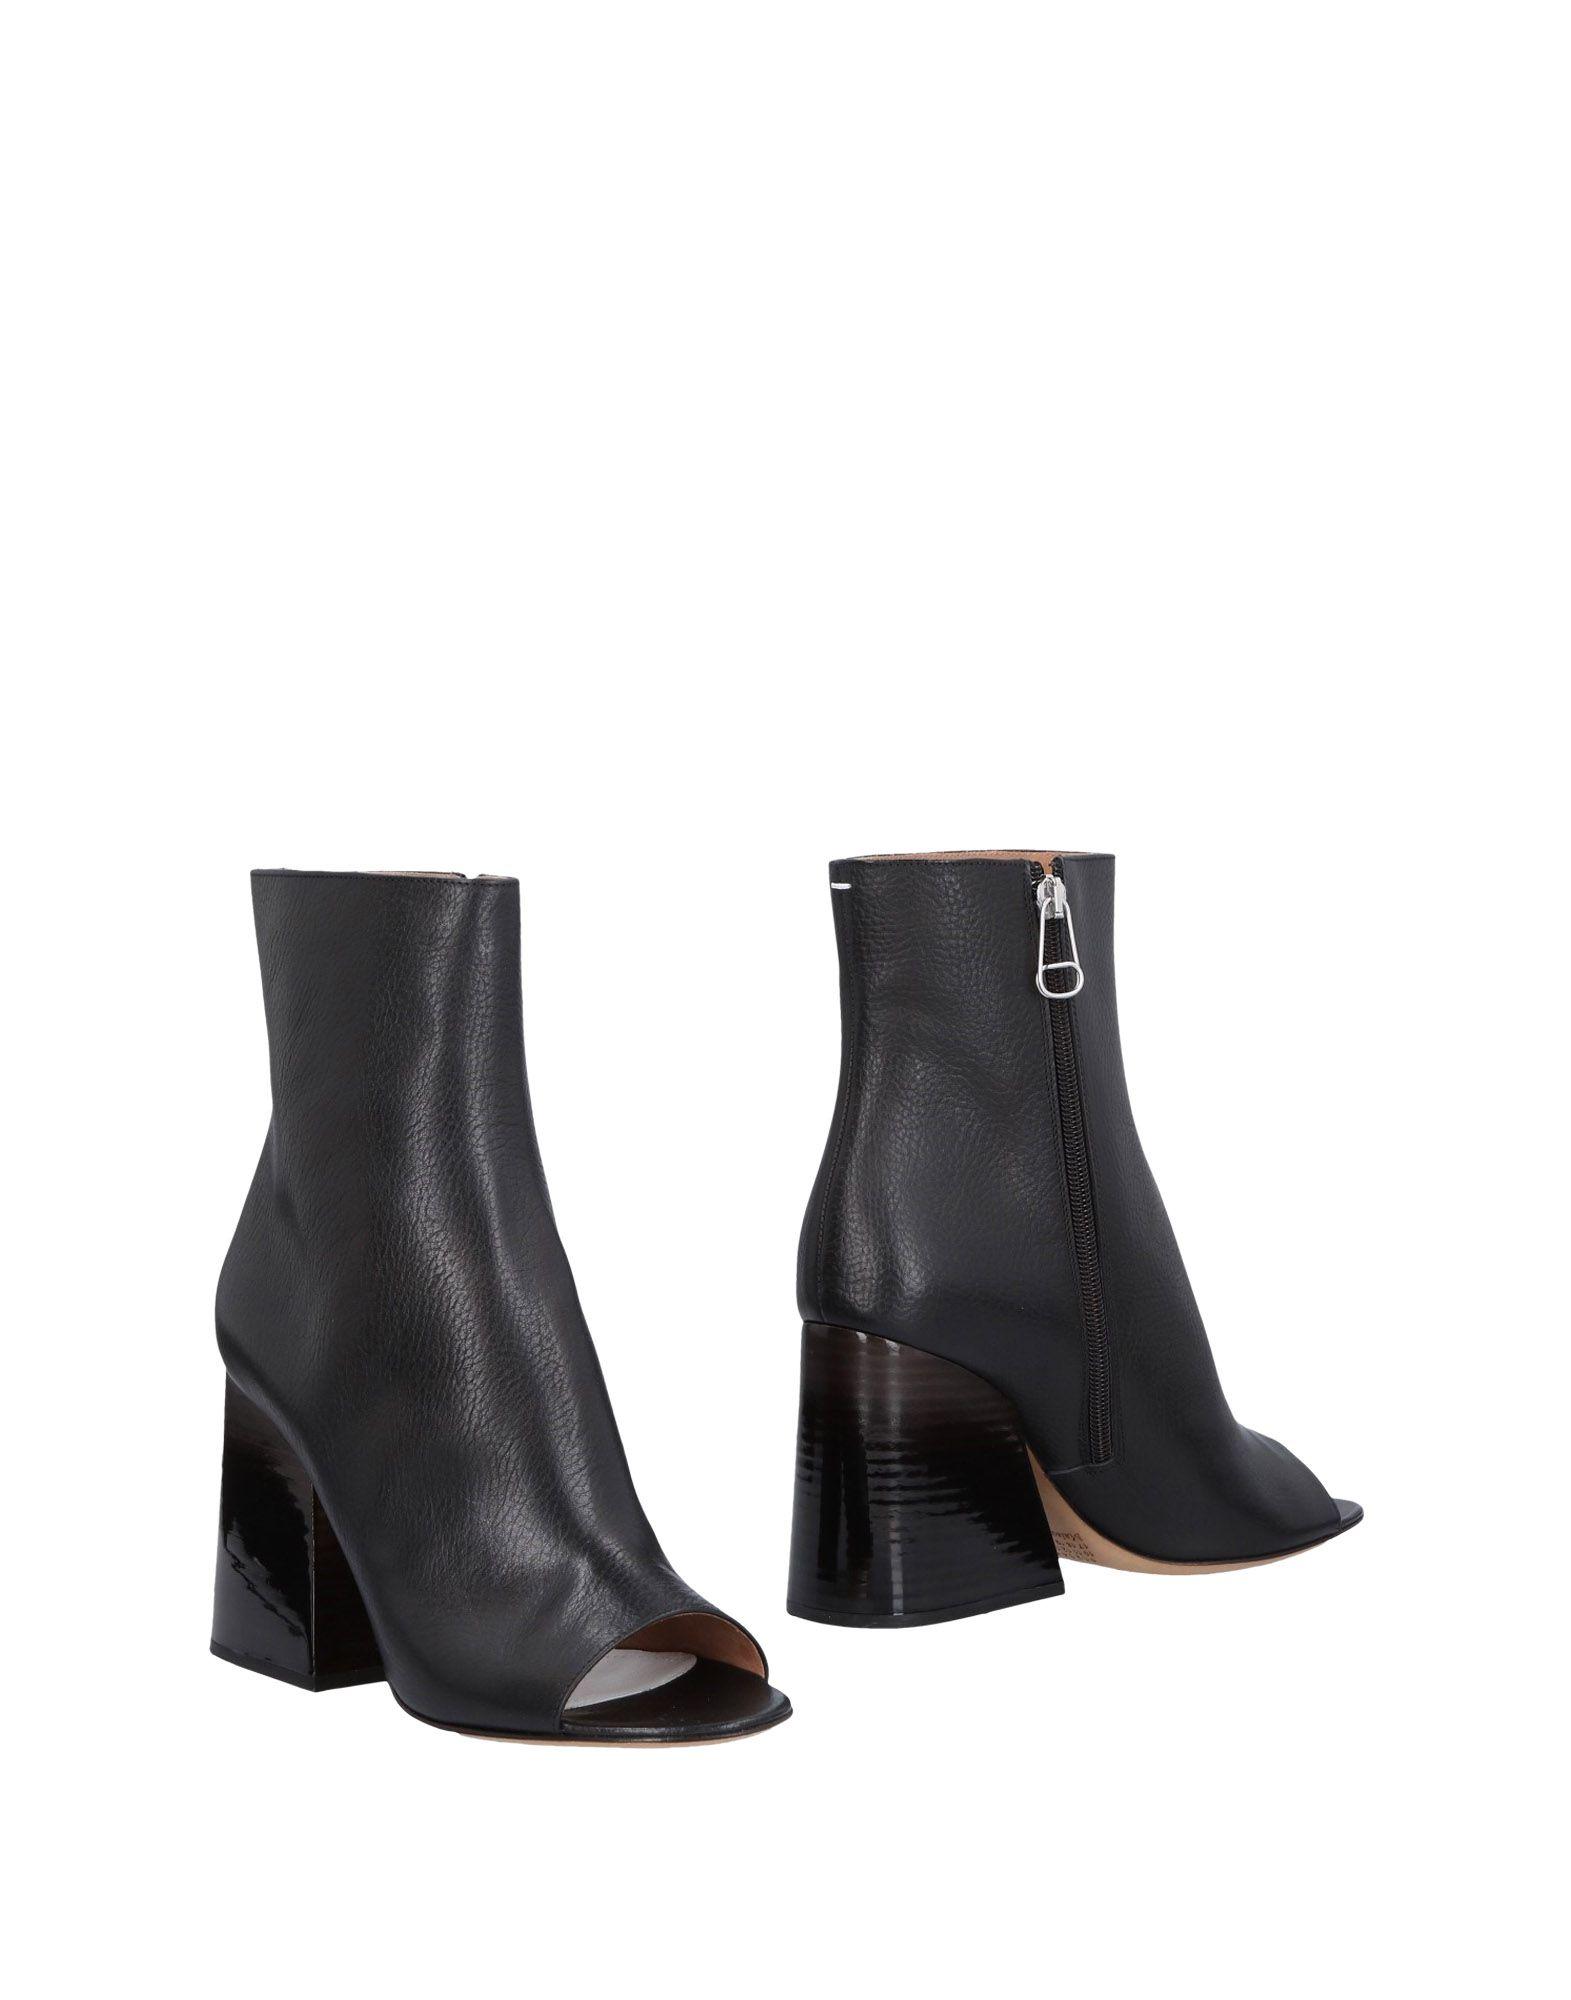 Maison Margiela Stiefelette Damen  11471923JNGünstige gut aussehende Schuhe